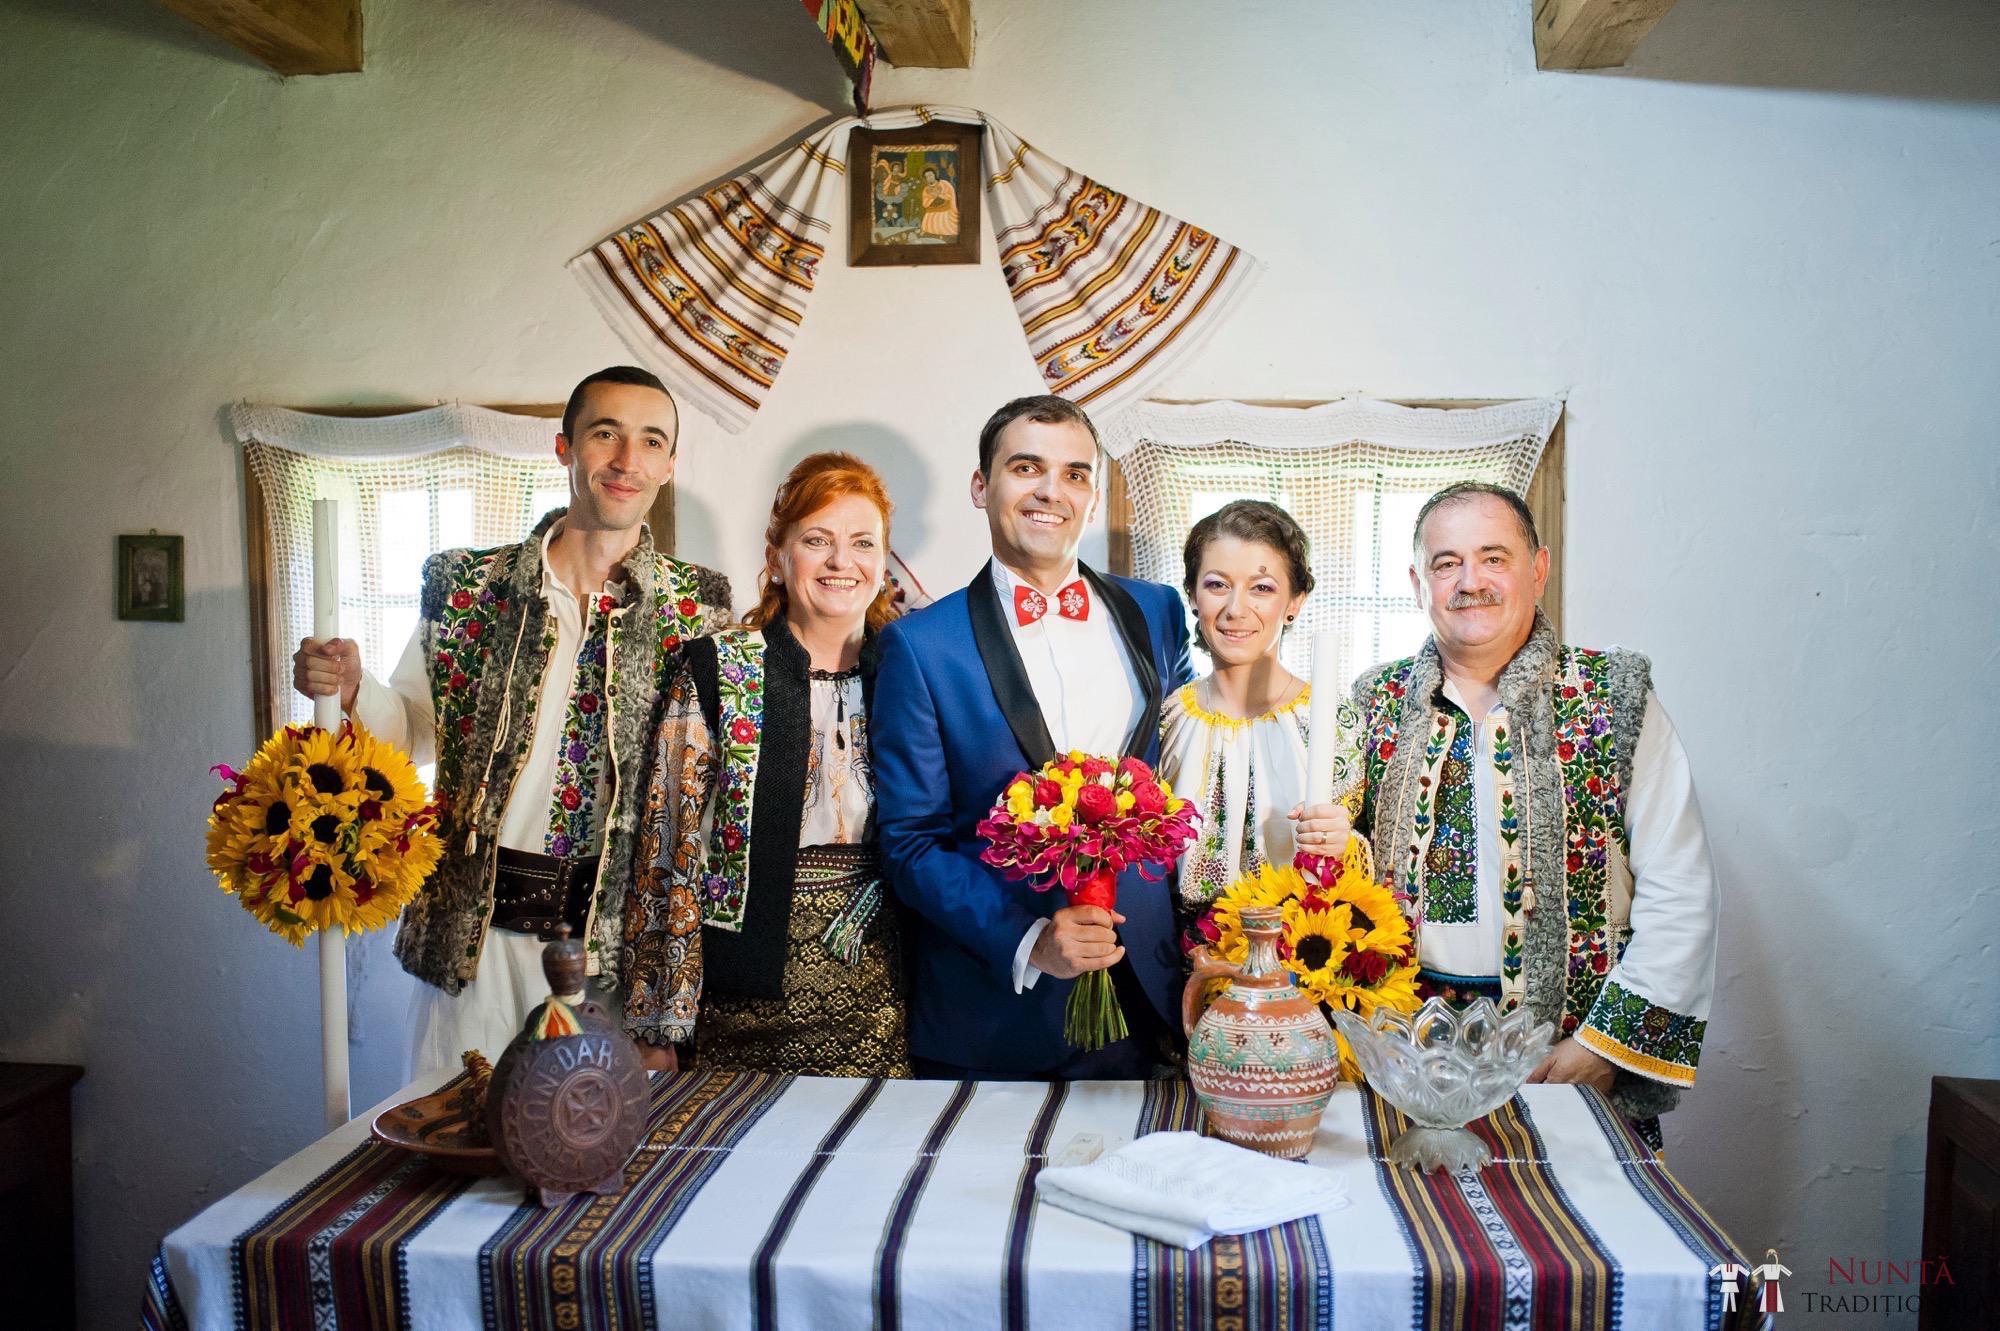 Povești Nunți Tradiționale - Gabriela și Mădălin - Nuntă Tradițională în Suceava, Bucovina 94